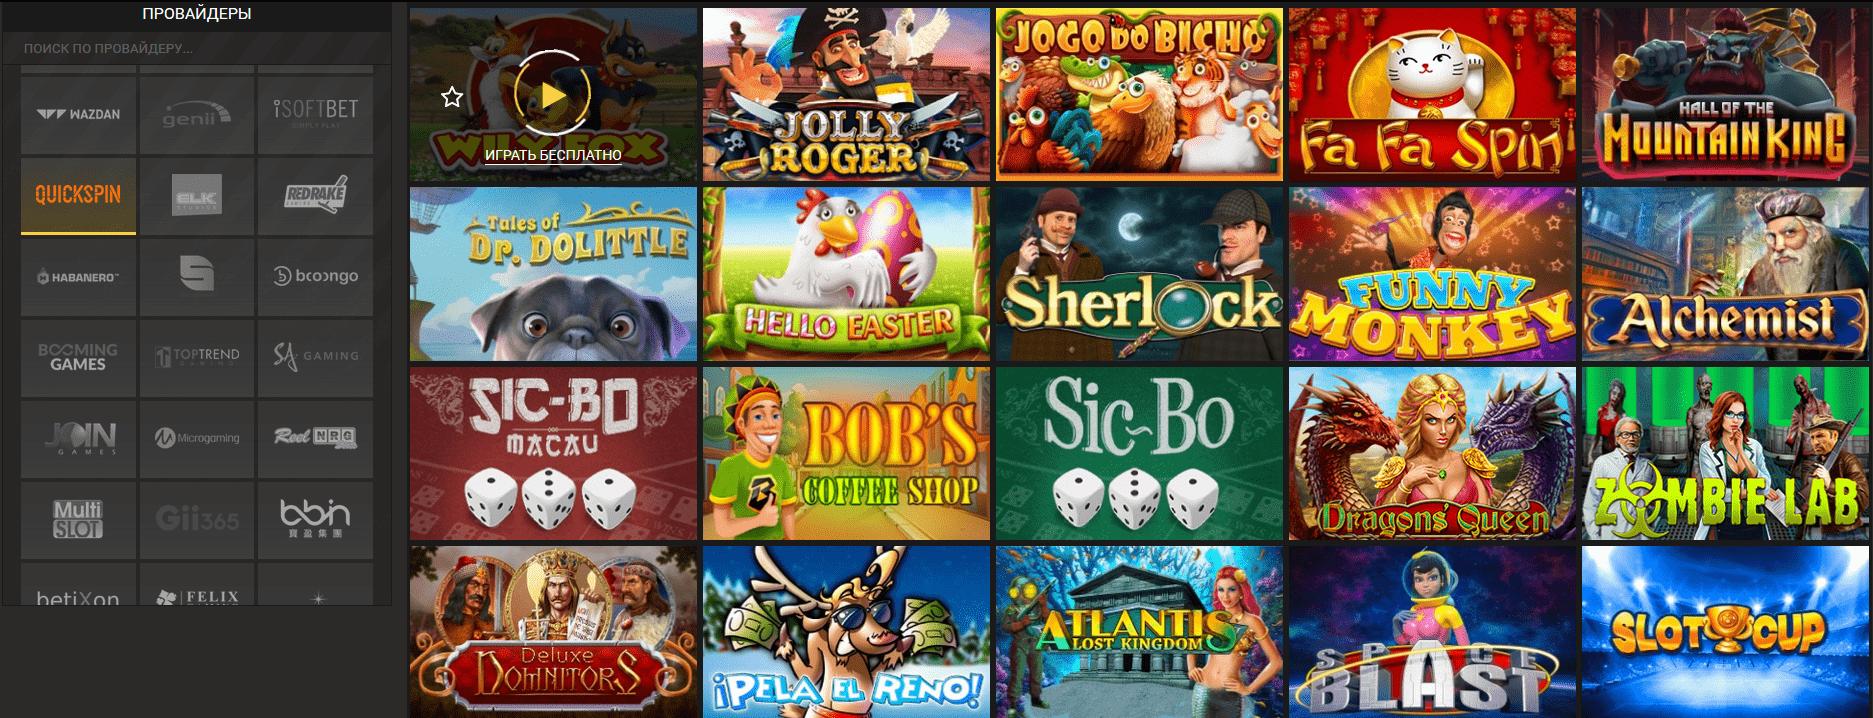 Максимум игр и самых увлекательных развлечений - в 1хслотс на сайте казино!